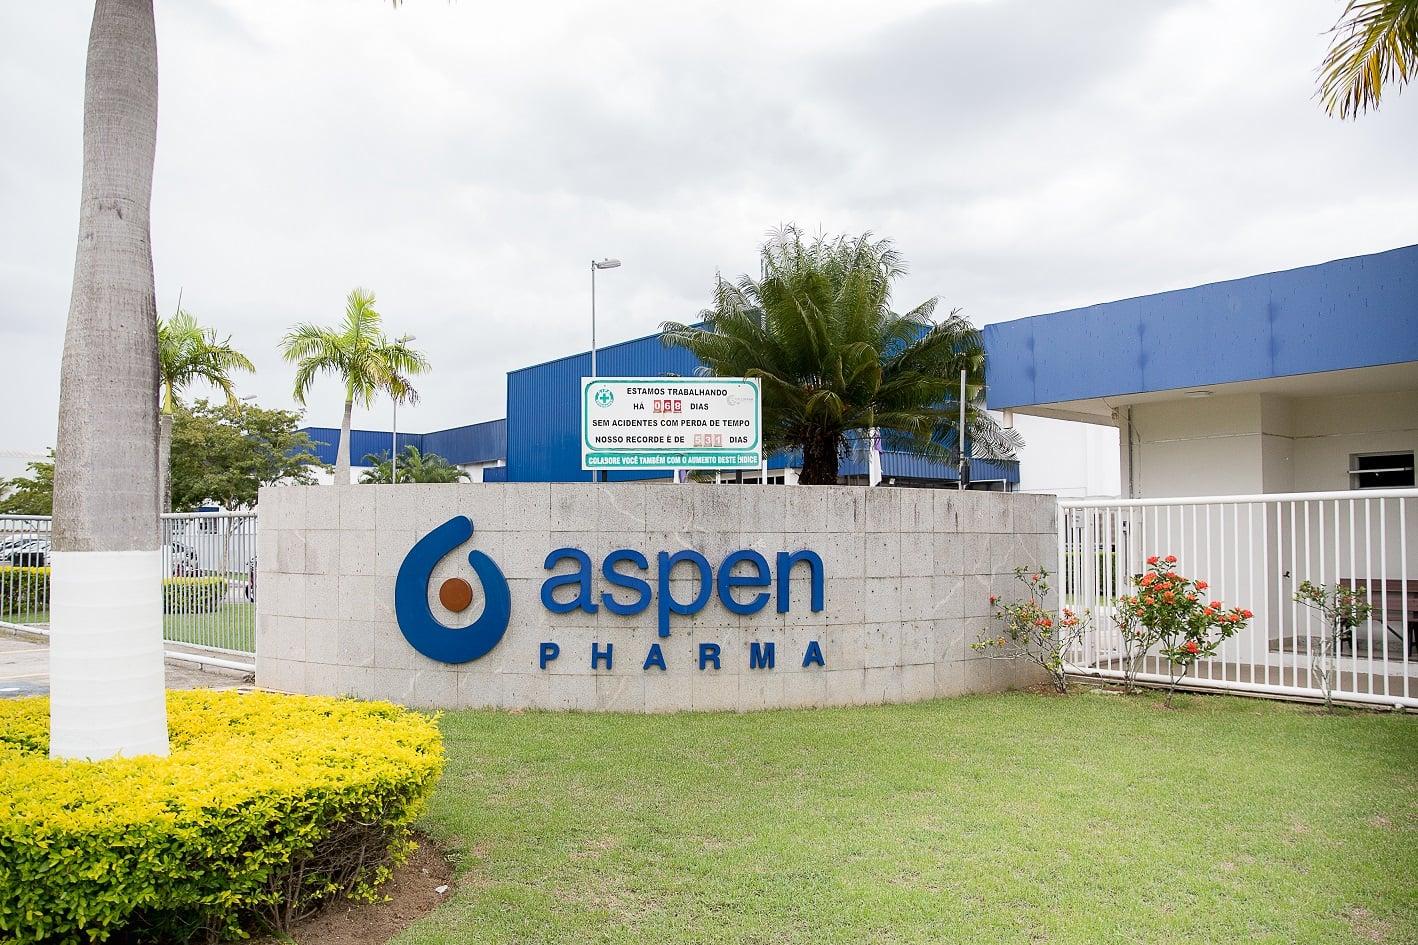 Aspen Pharma amplia portfólio com venda de medicamentos